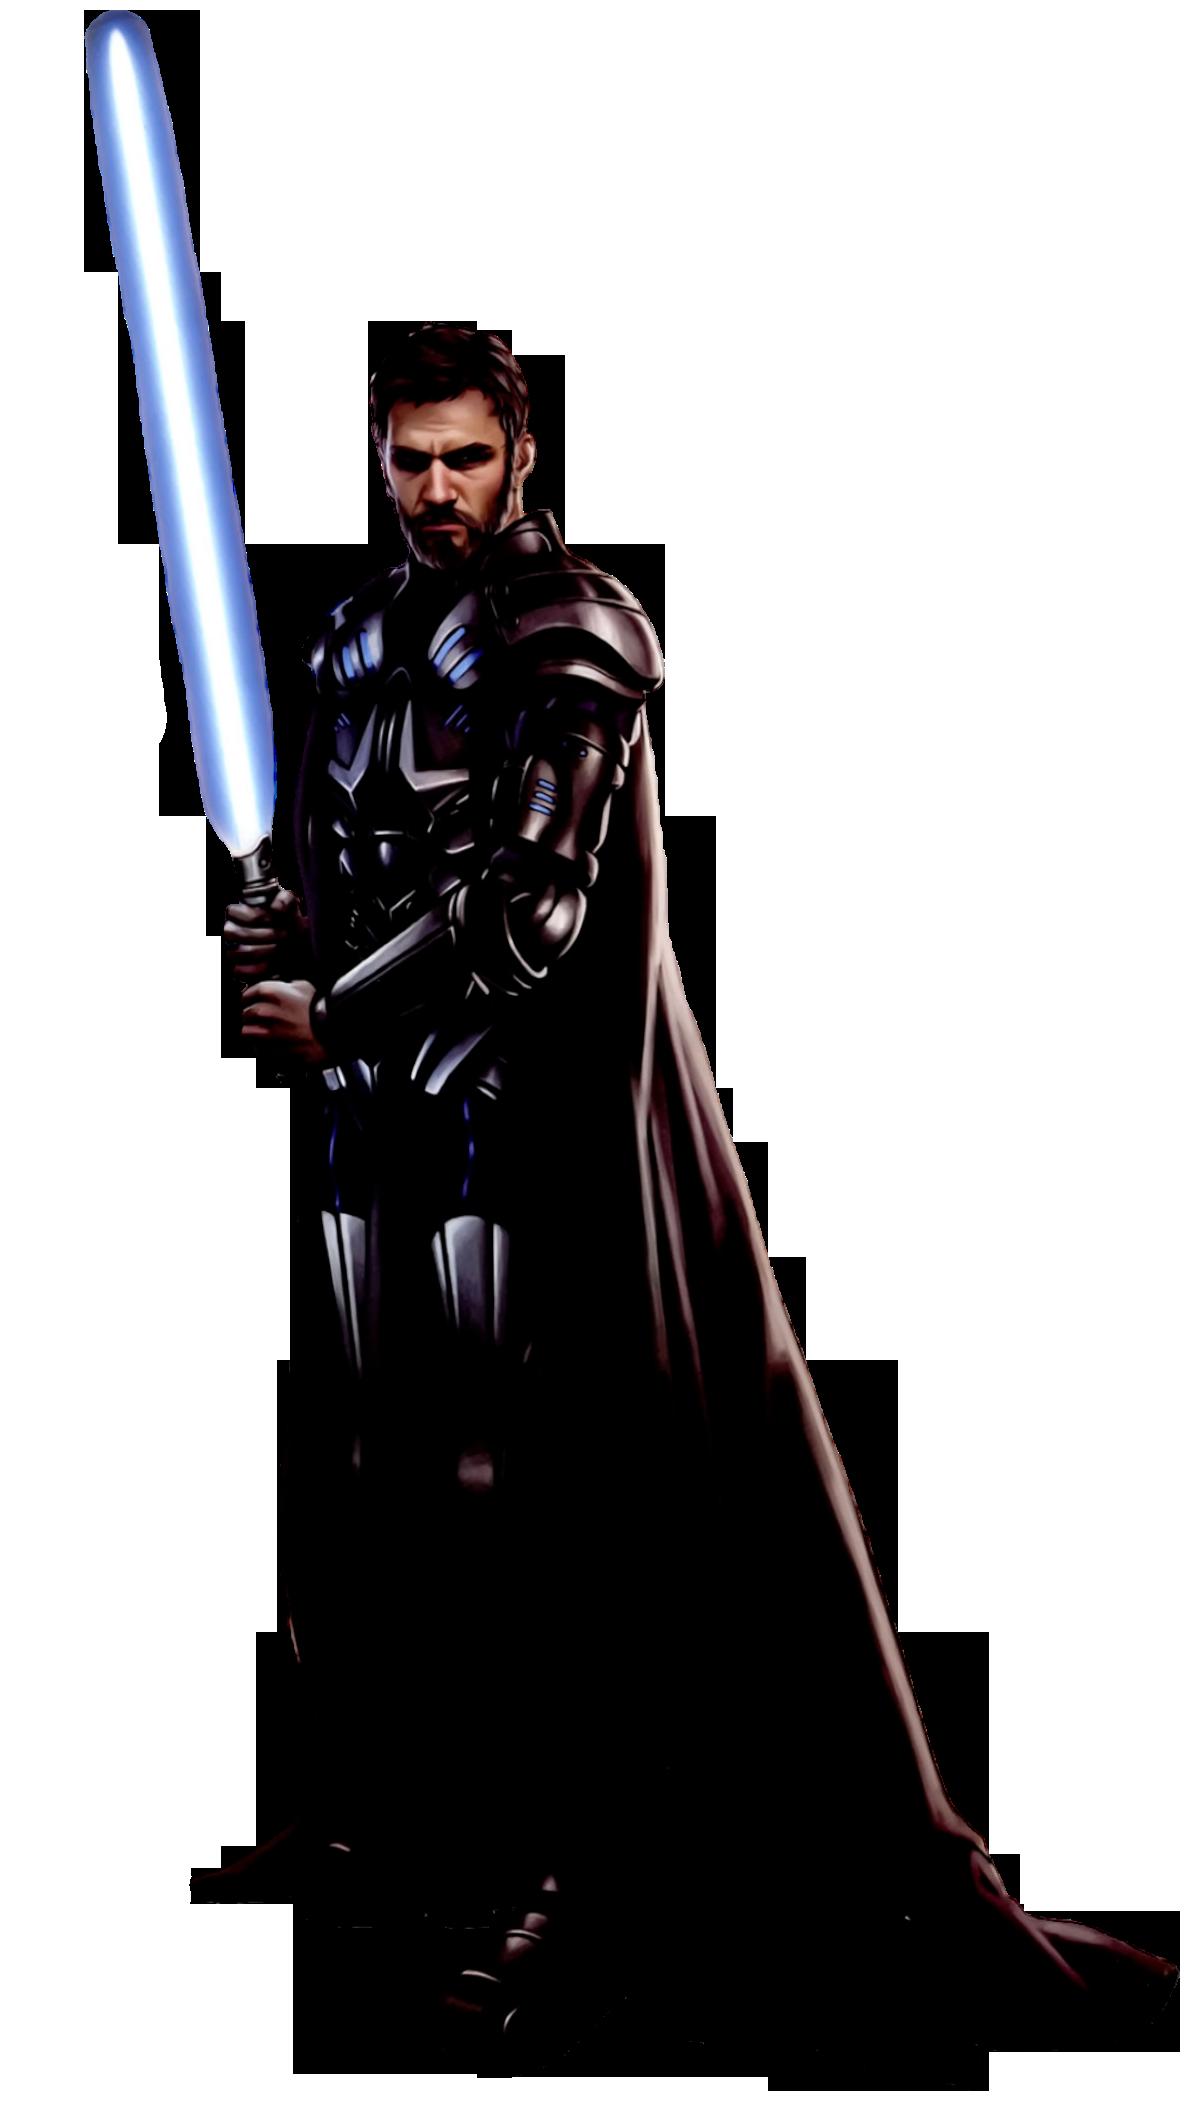 sc 1 st  Wookieepedia - Fandom & Jedi apparel | Wookieepedia | FANDOM powered by Wikia